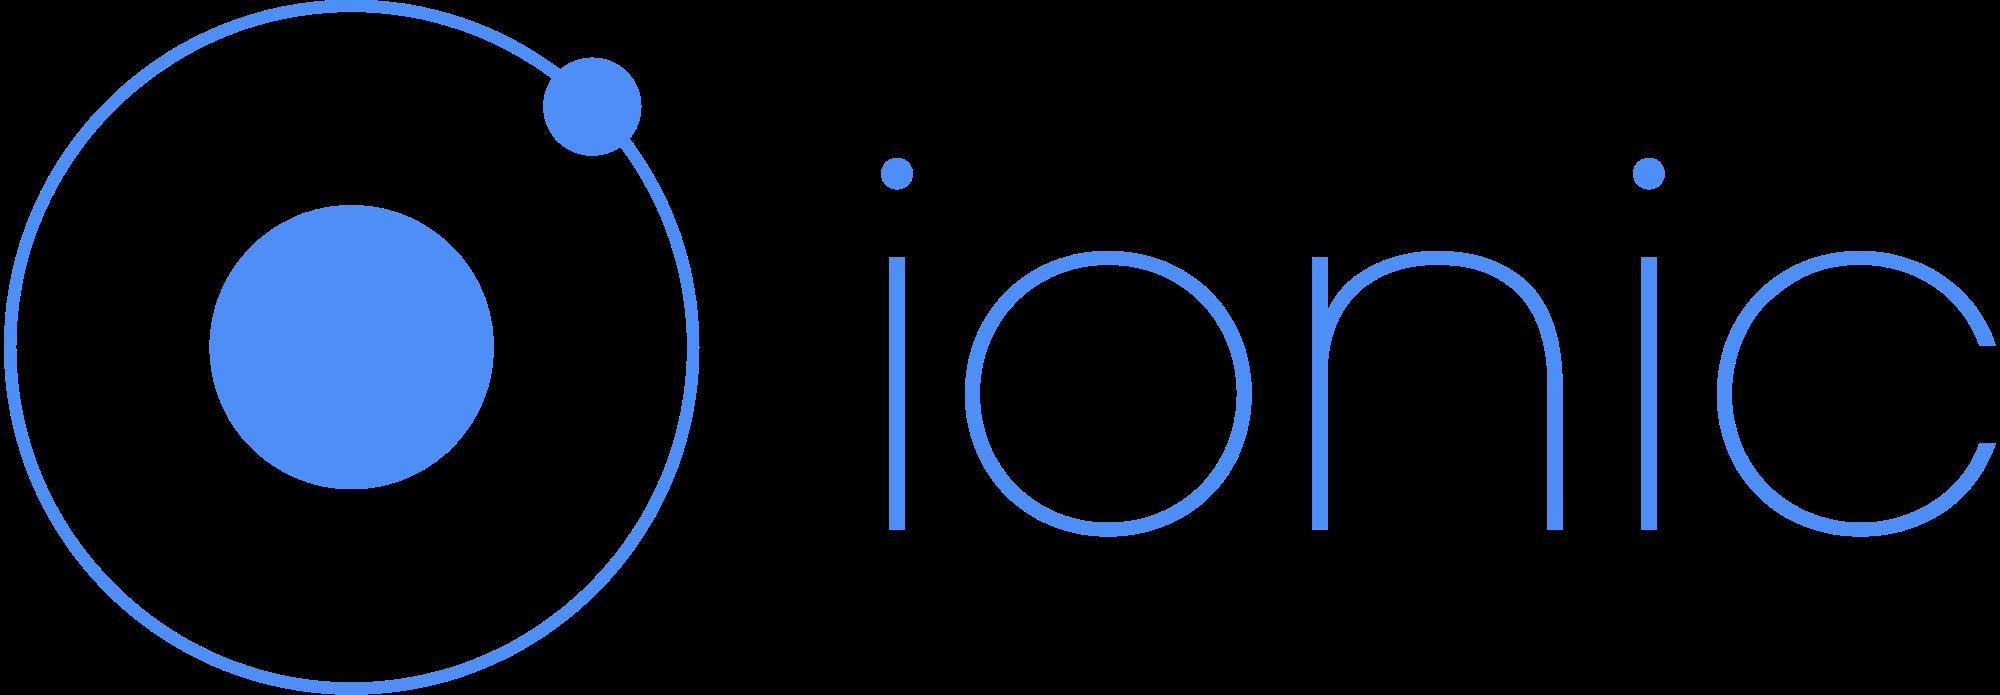 ionic-logo-sumasoftware